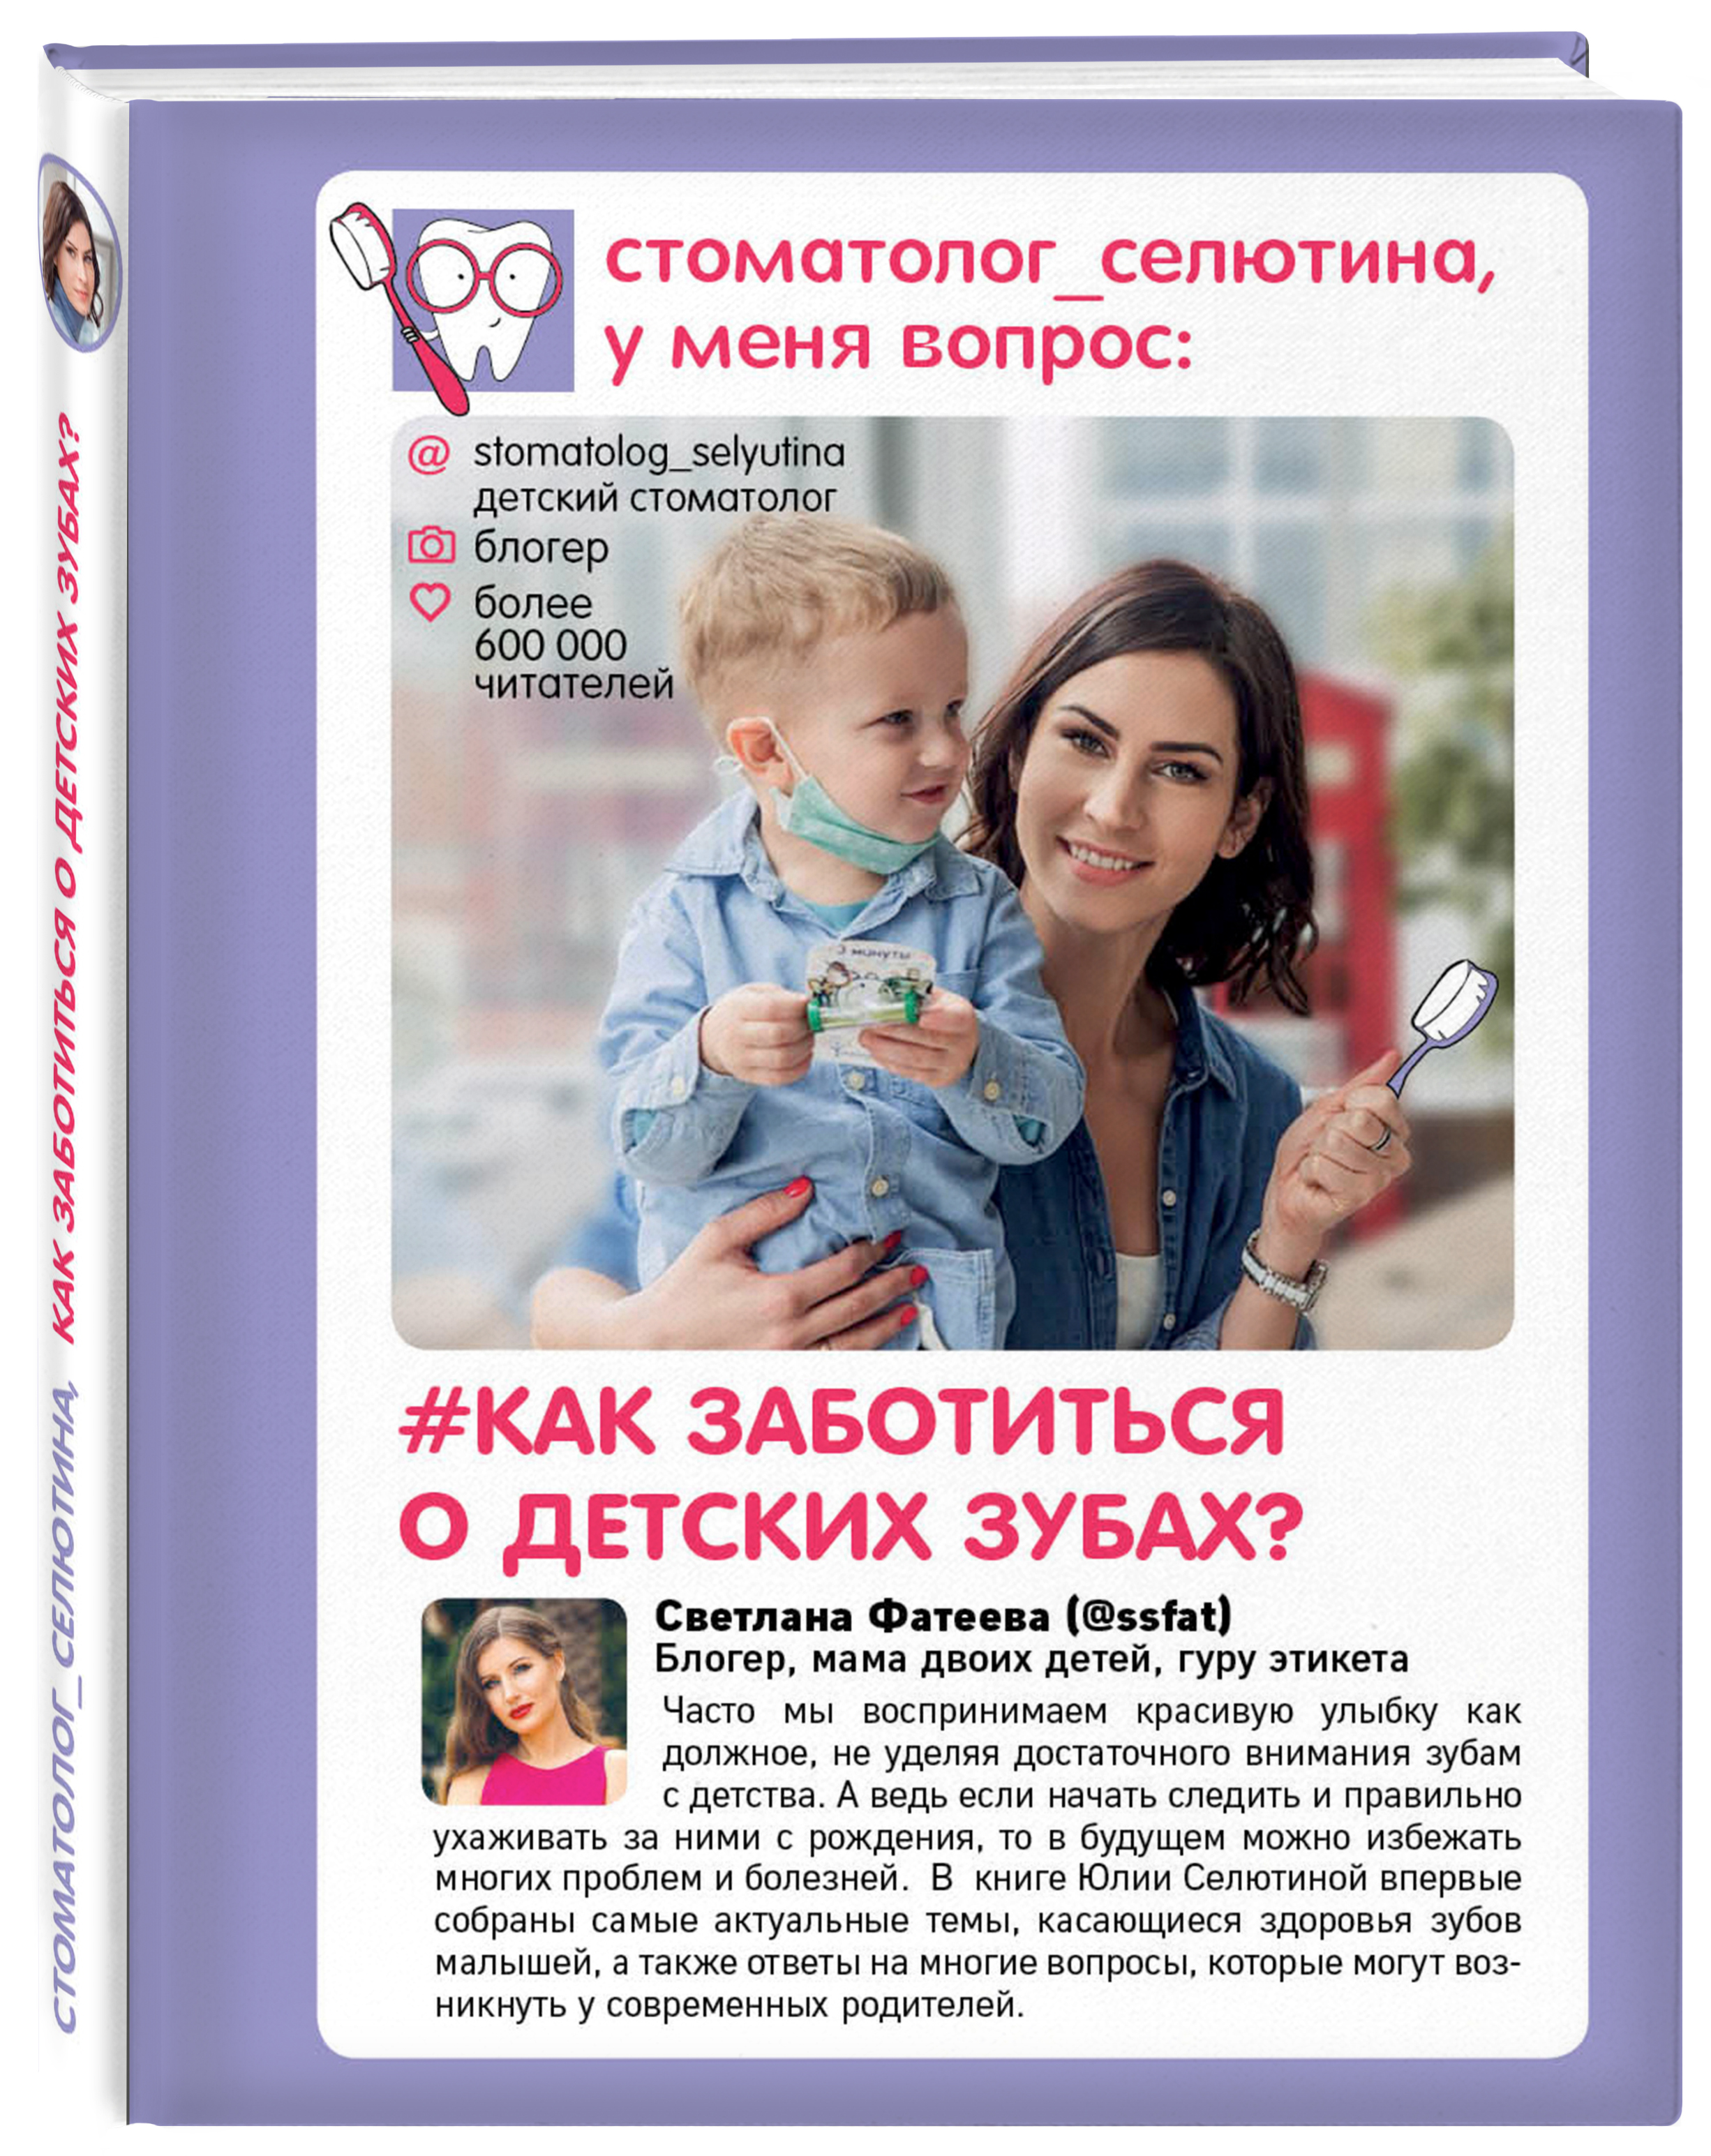 Юлия Селютина Стоматолог Селютина, у меня вопрос. #Как заботиться о детских зубах? отсутствует за помощью к святым как к кому и в каких случаях обращаться